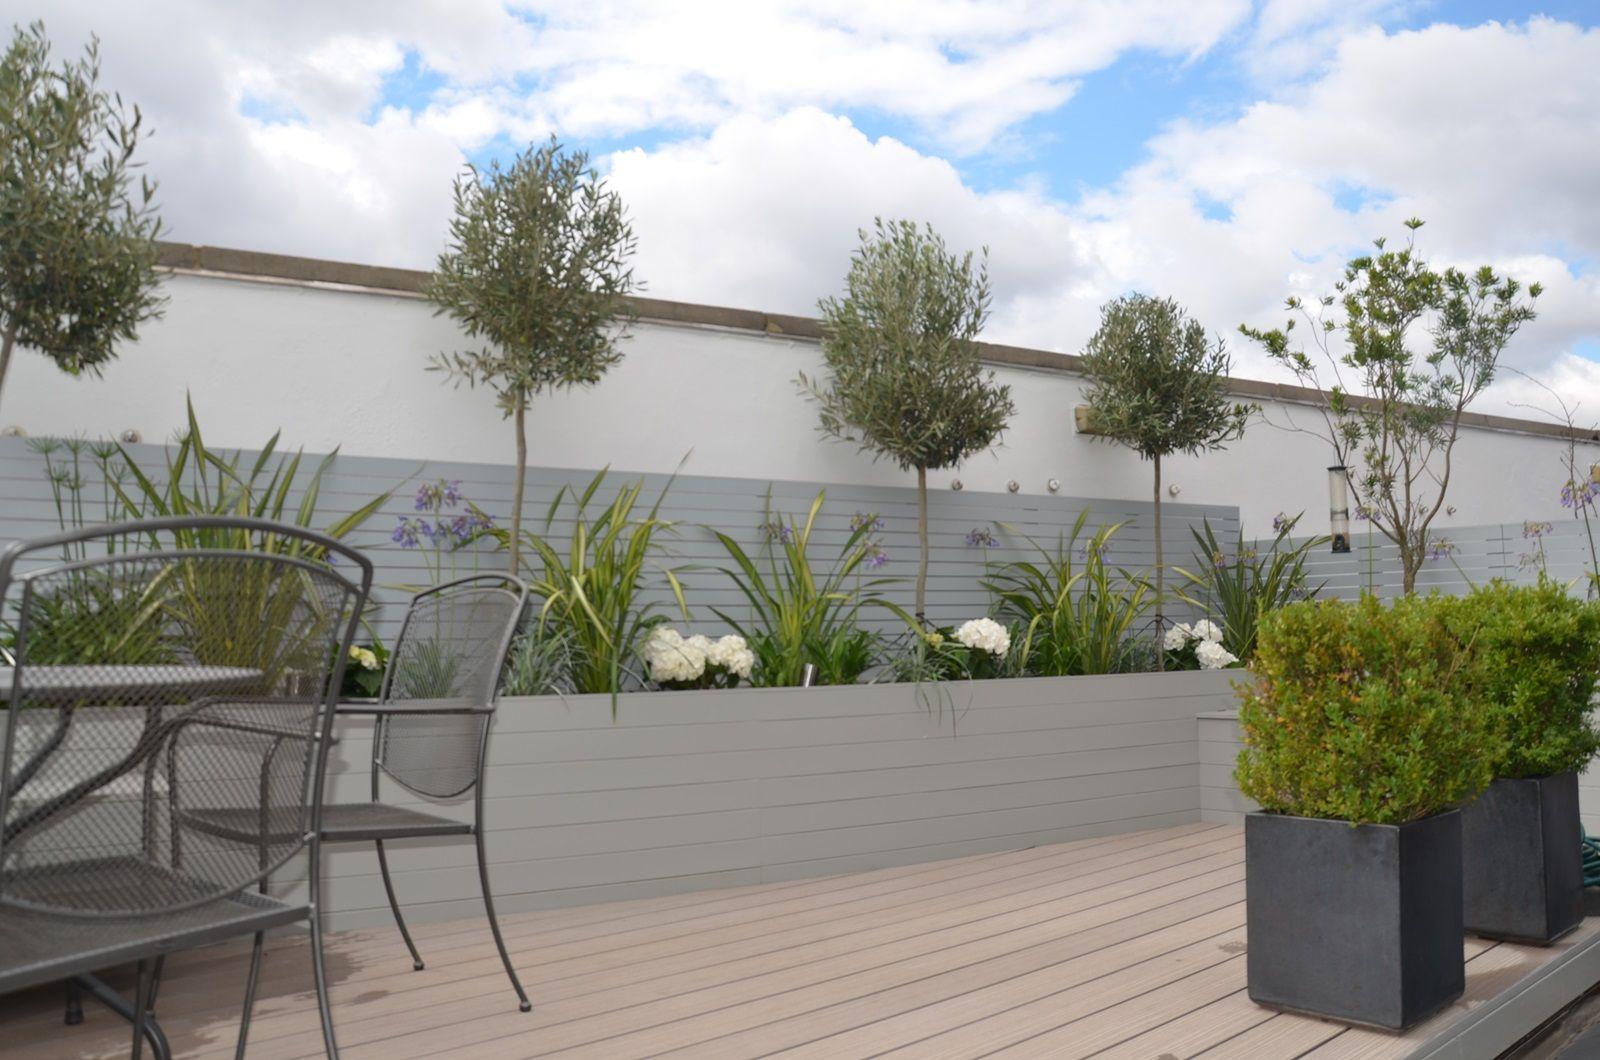 Balcony Garden Design Garden ideas and garden design